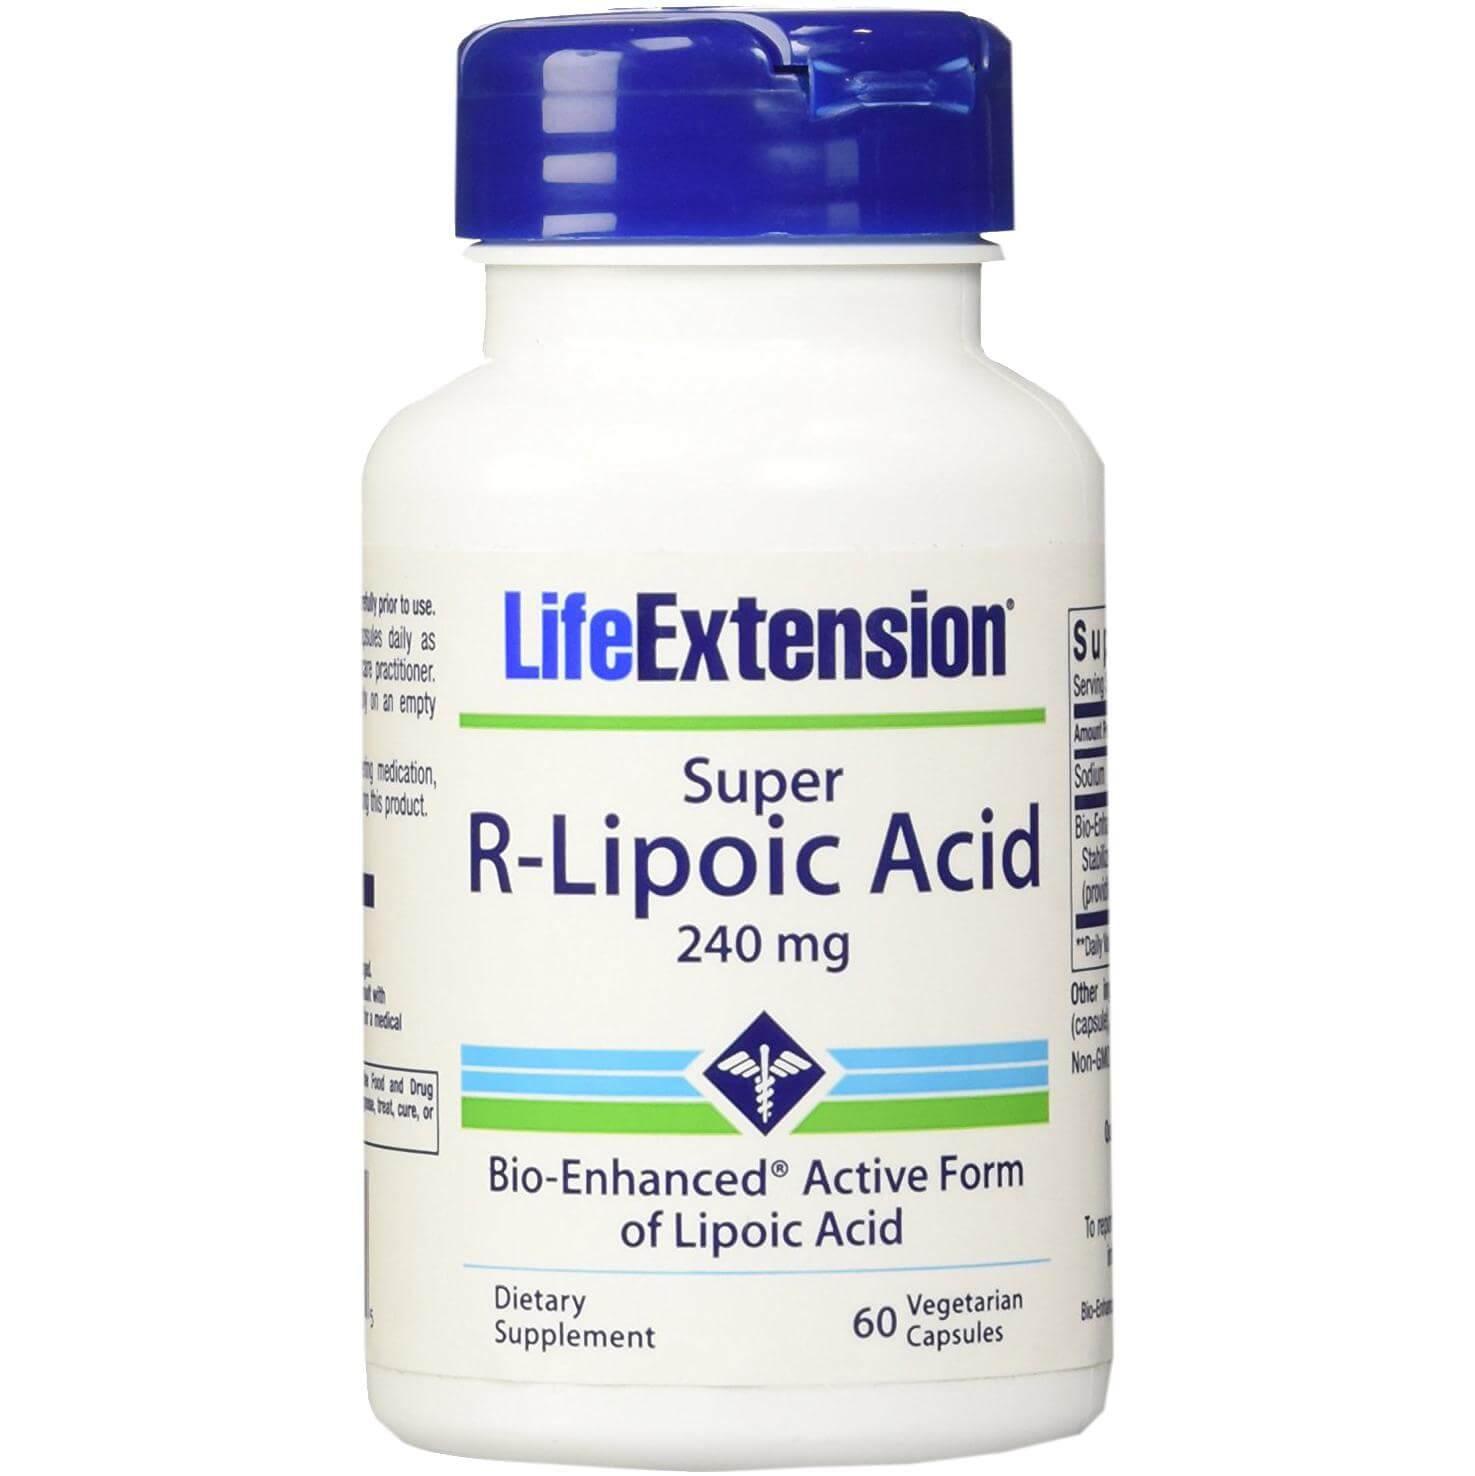 LIfe Extension Super R-Lipoic Acid 240mg Συμπλήρωμα Διατροφής, Προστατεύει από το Οξειδωτικό Στρες 60veg.Caps